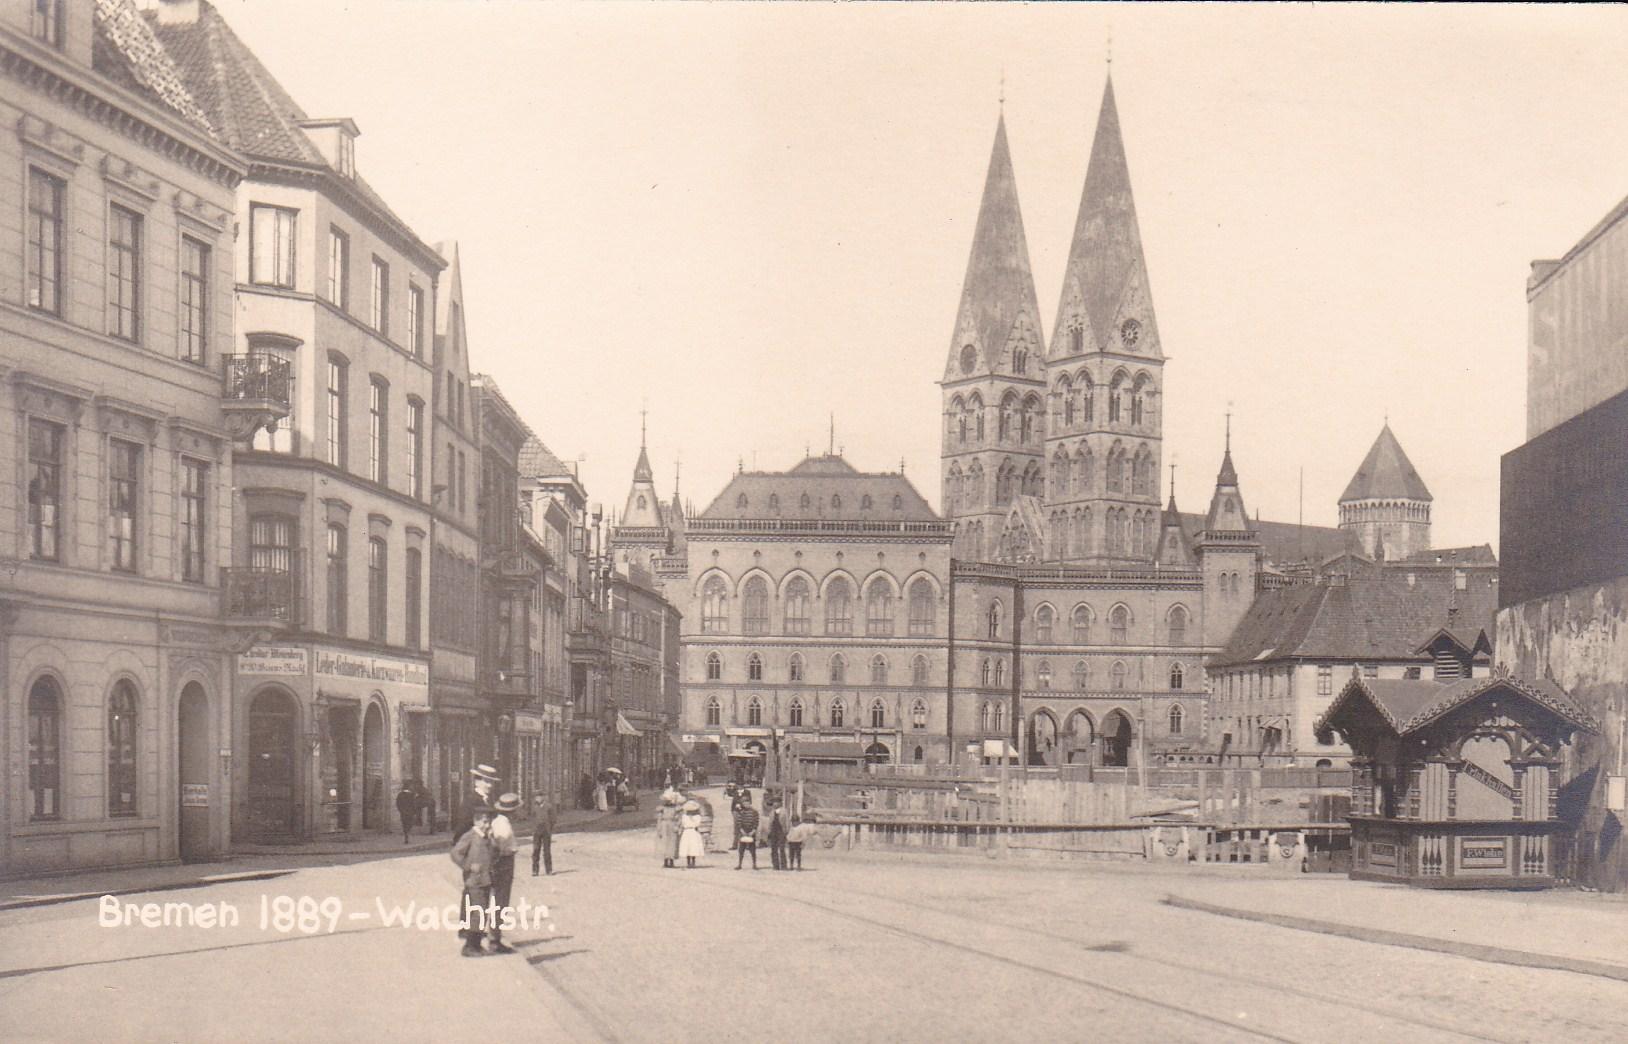 Faszinierender Anblick: die Wachtstraße um 1898 - nicht wie schriftlich vermerkt 1889. Bildvorlage: Bestand Herbert Fuß